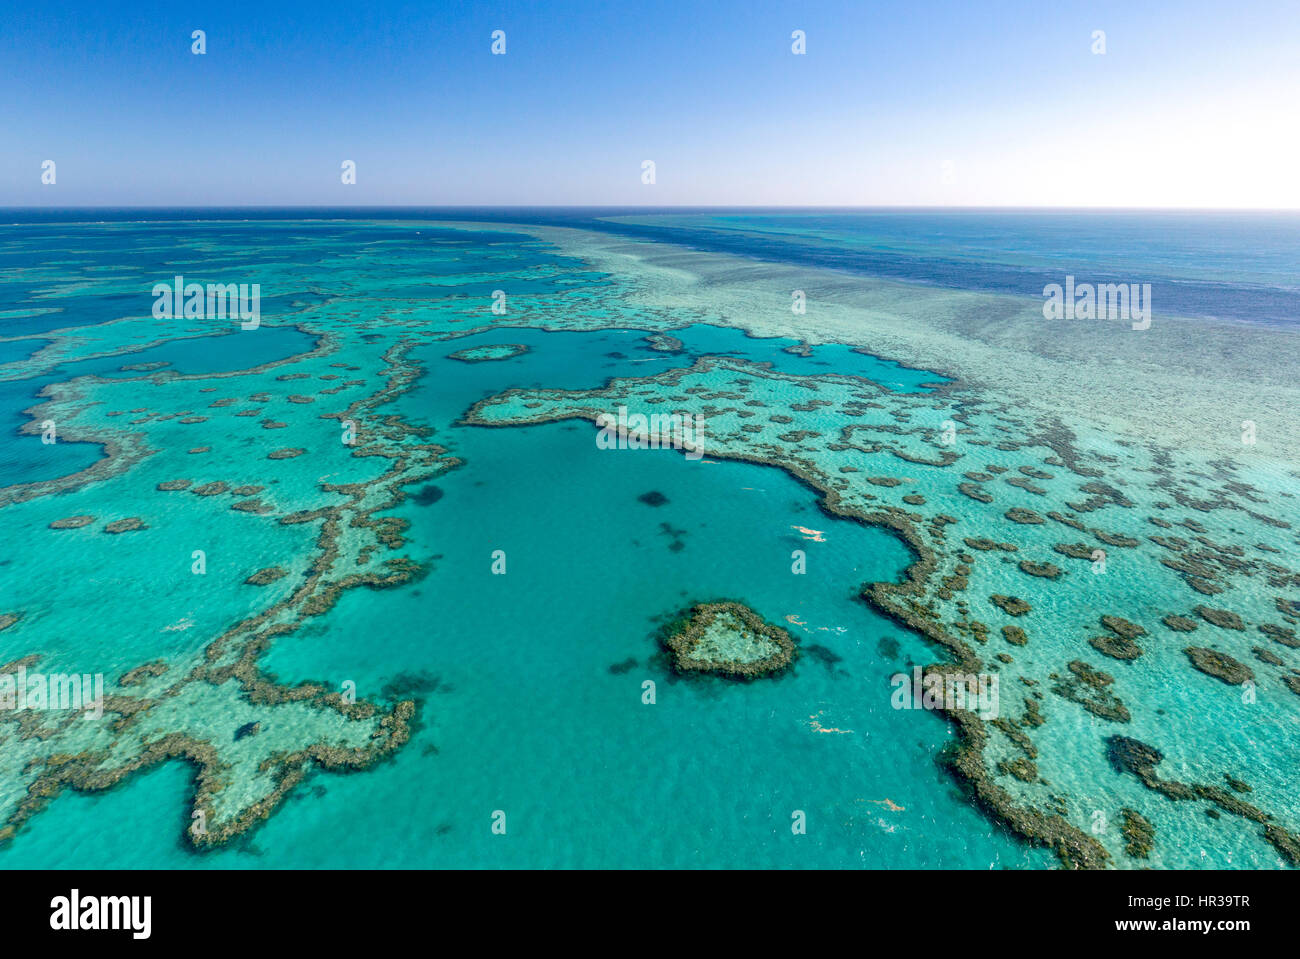 Arrecifes de Coral, en el corazón de Coral, parte de Hardy Reef, el borde exterior de la Gran Barrera de Coral, Imagen De Stock